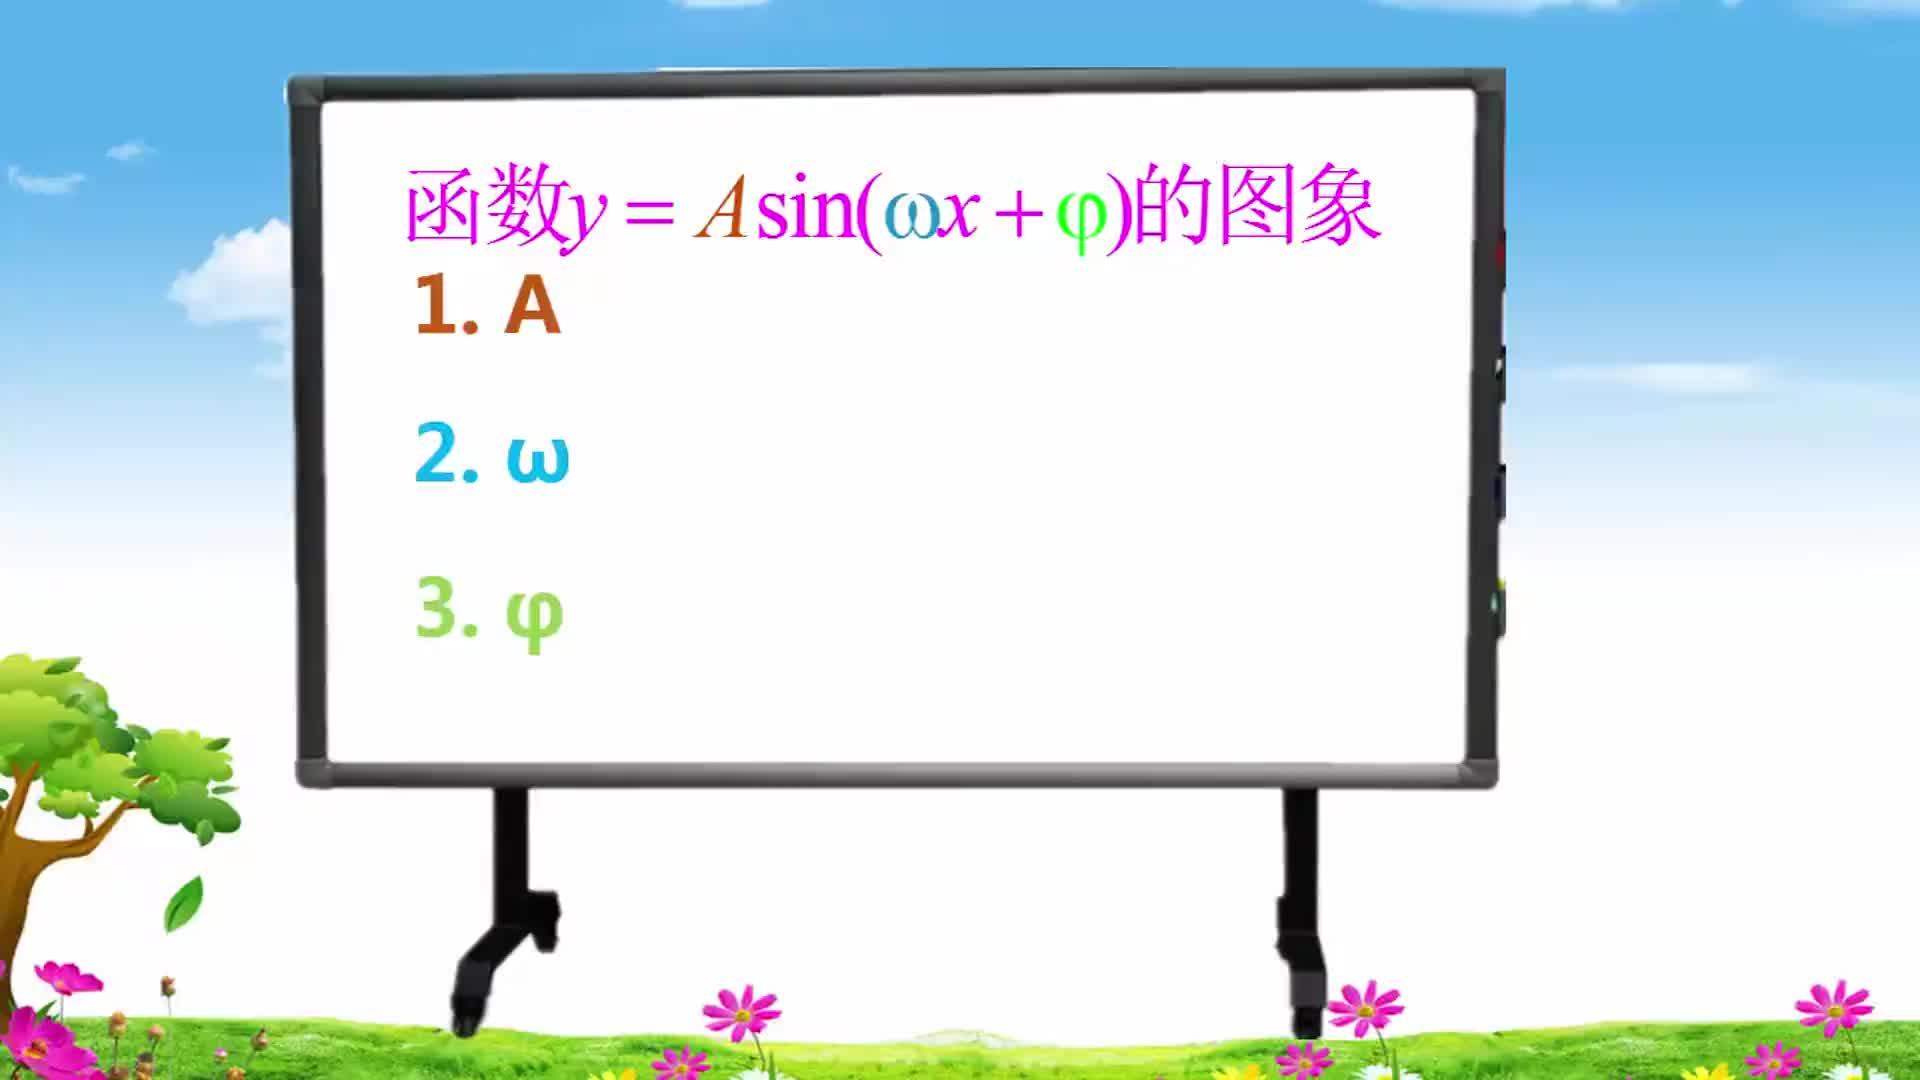 苏教版 高三数学复习 三角函数 函数y=Asin(ωx+φ)的图象-视频微课堂